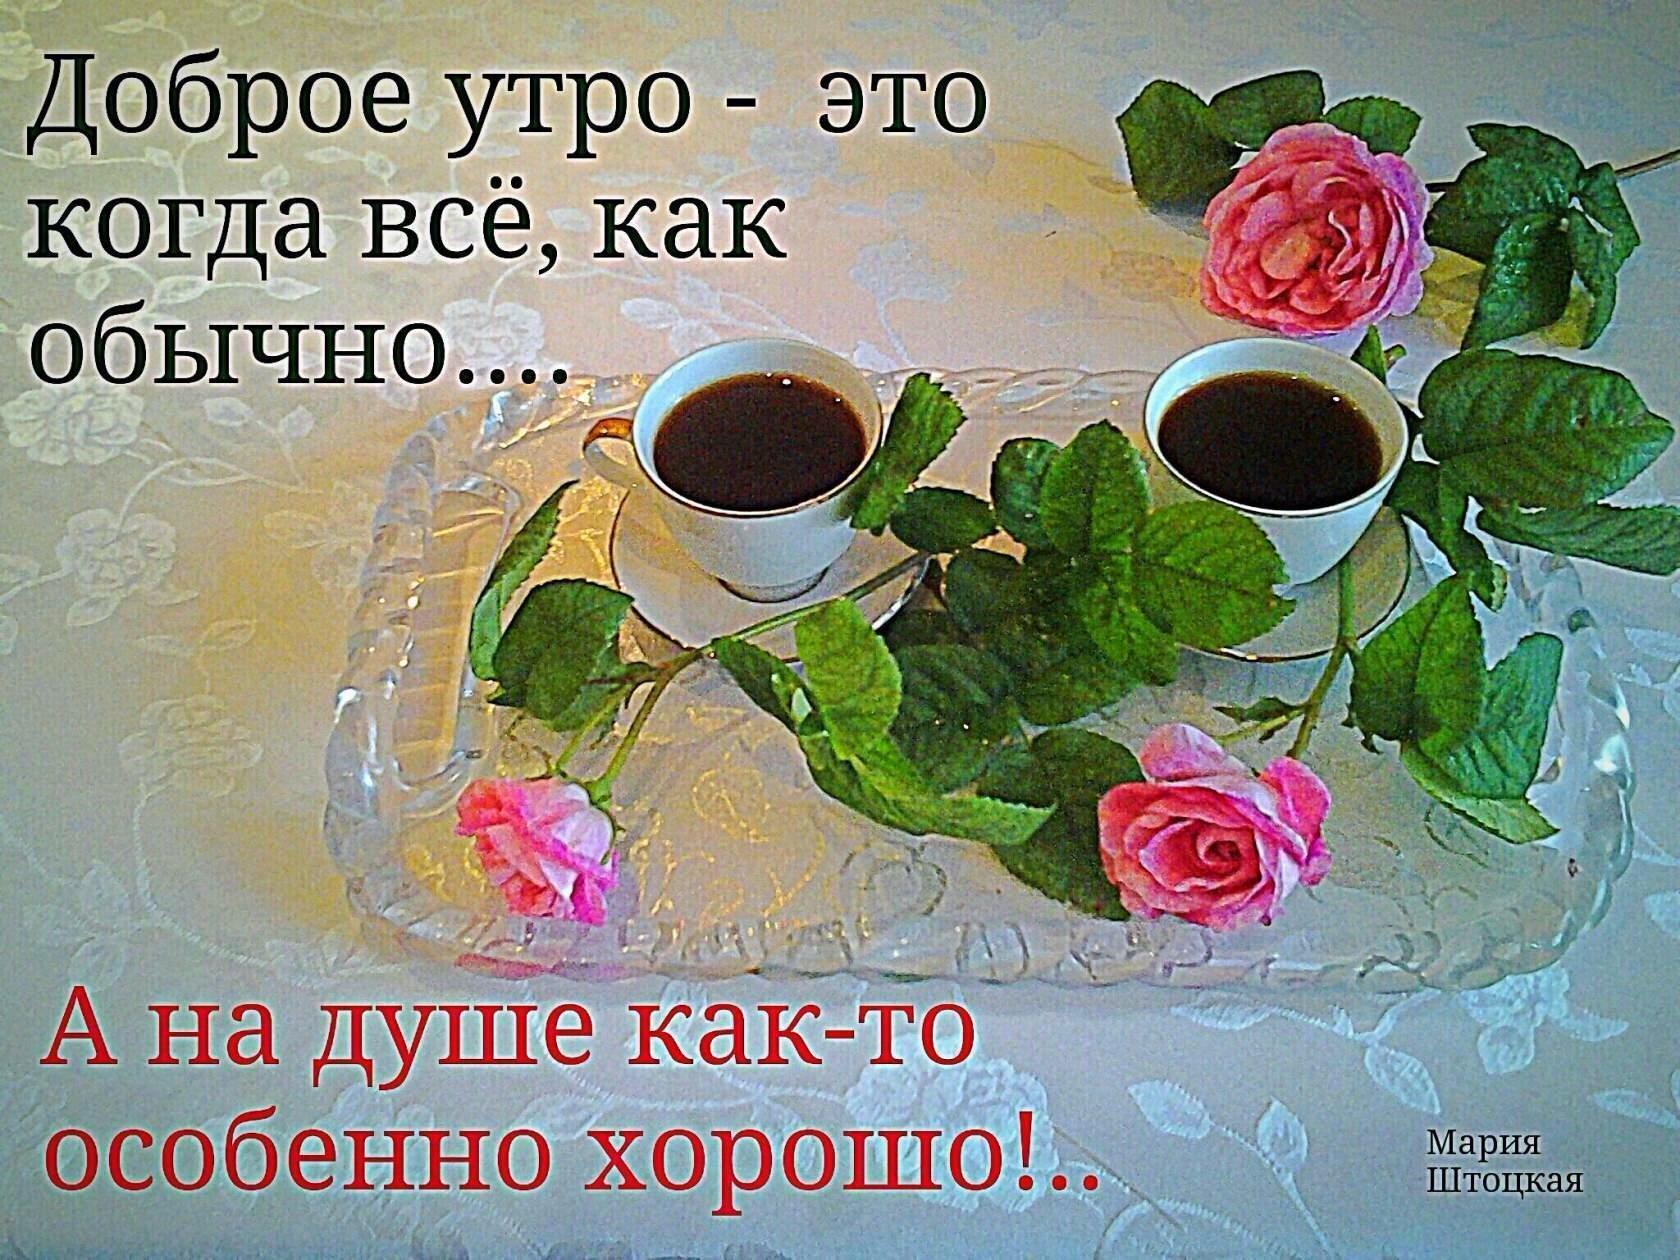 пожелание доброго утра ольге в стихах